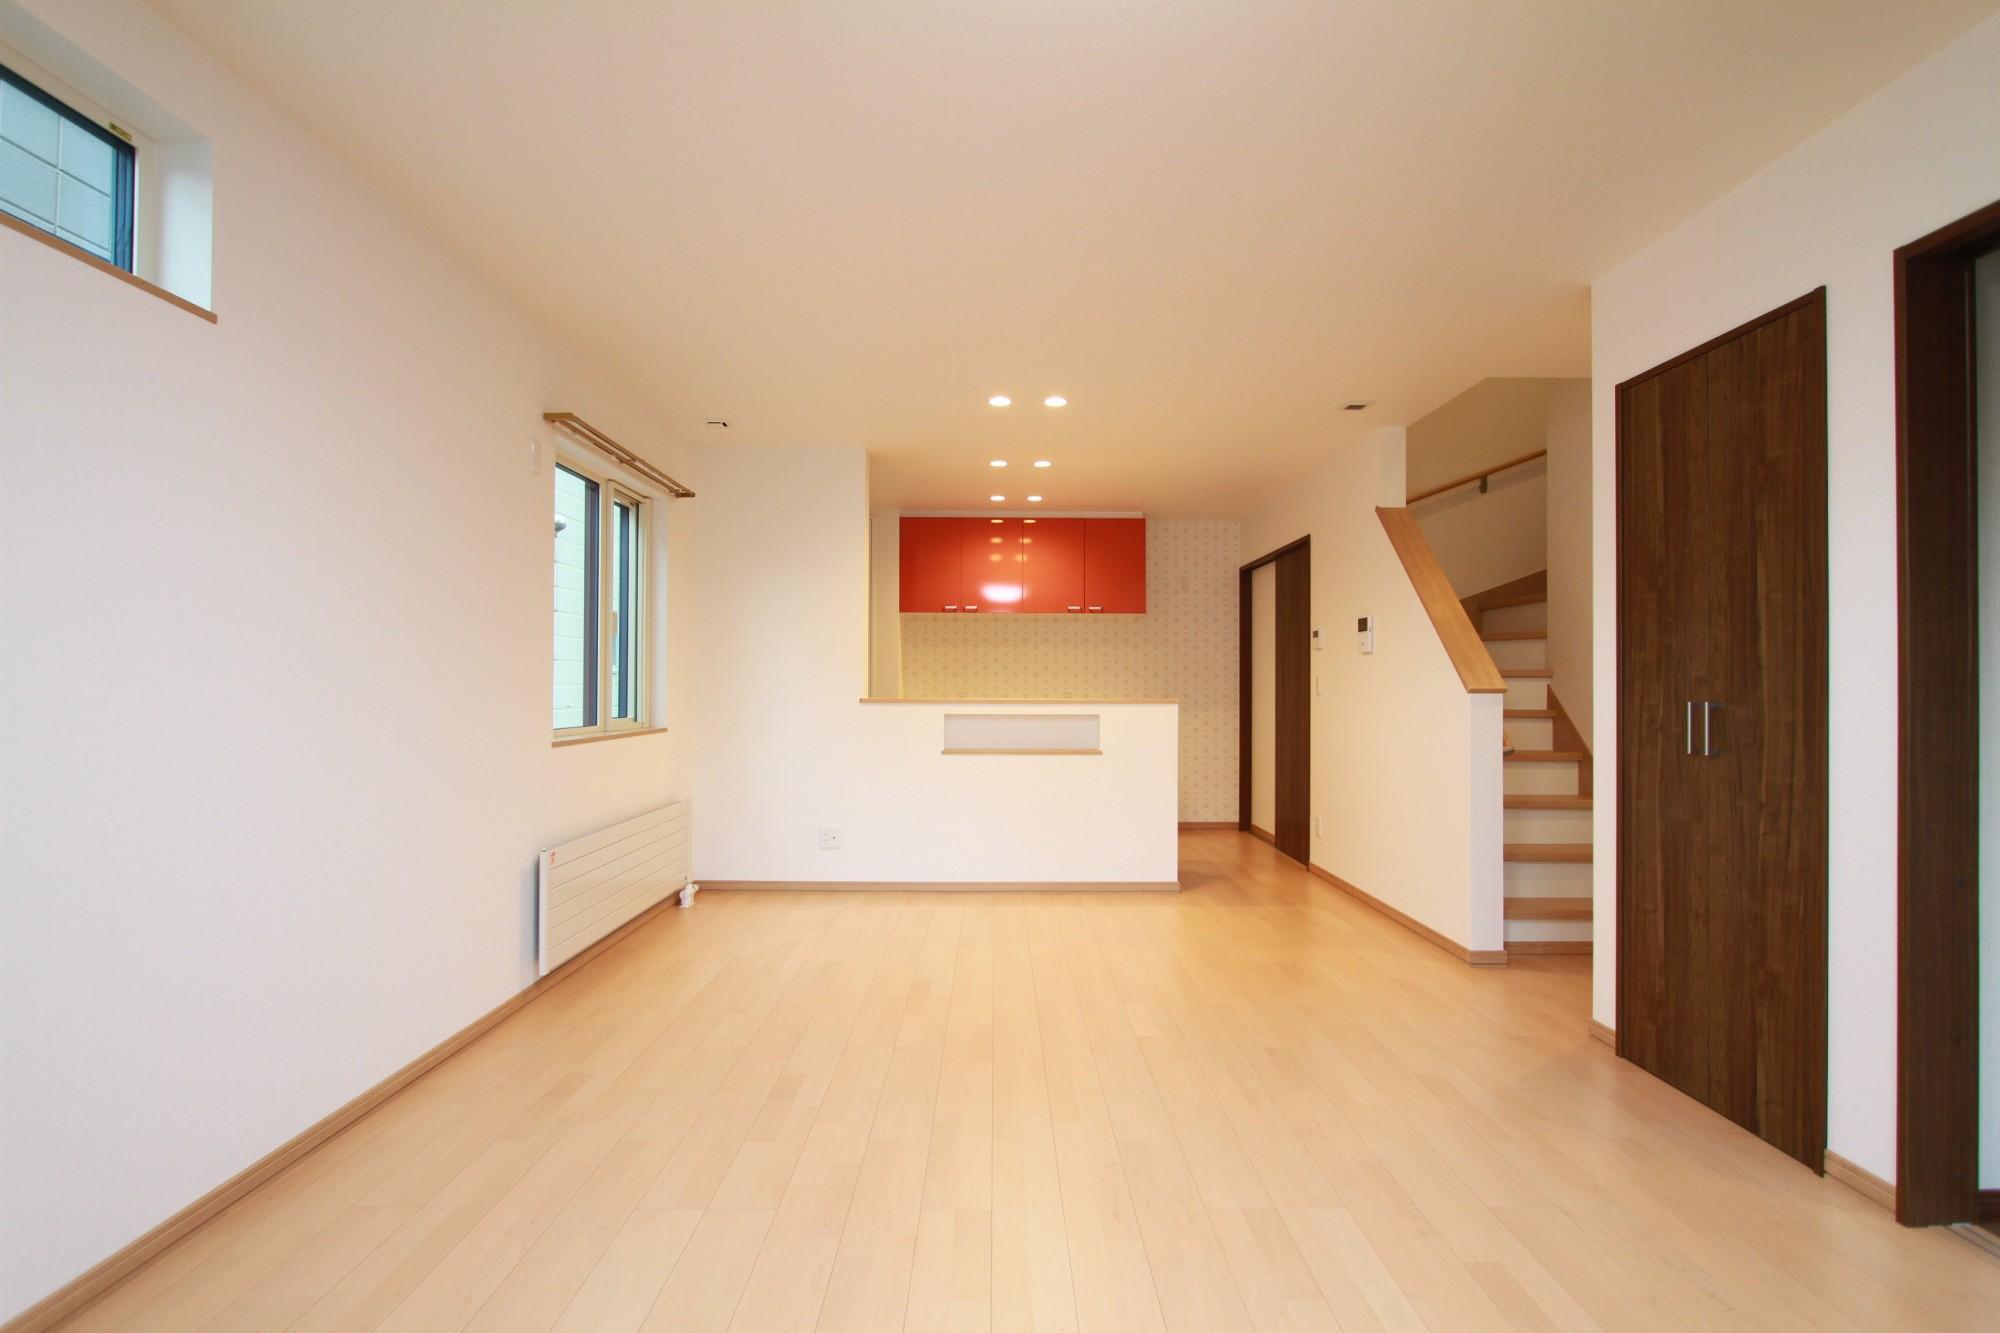 坂下ハウスの施工例 - 対面式のLDKで広々とした空間の家